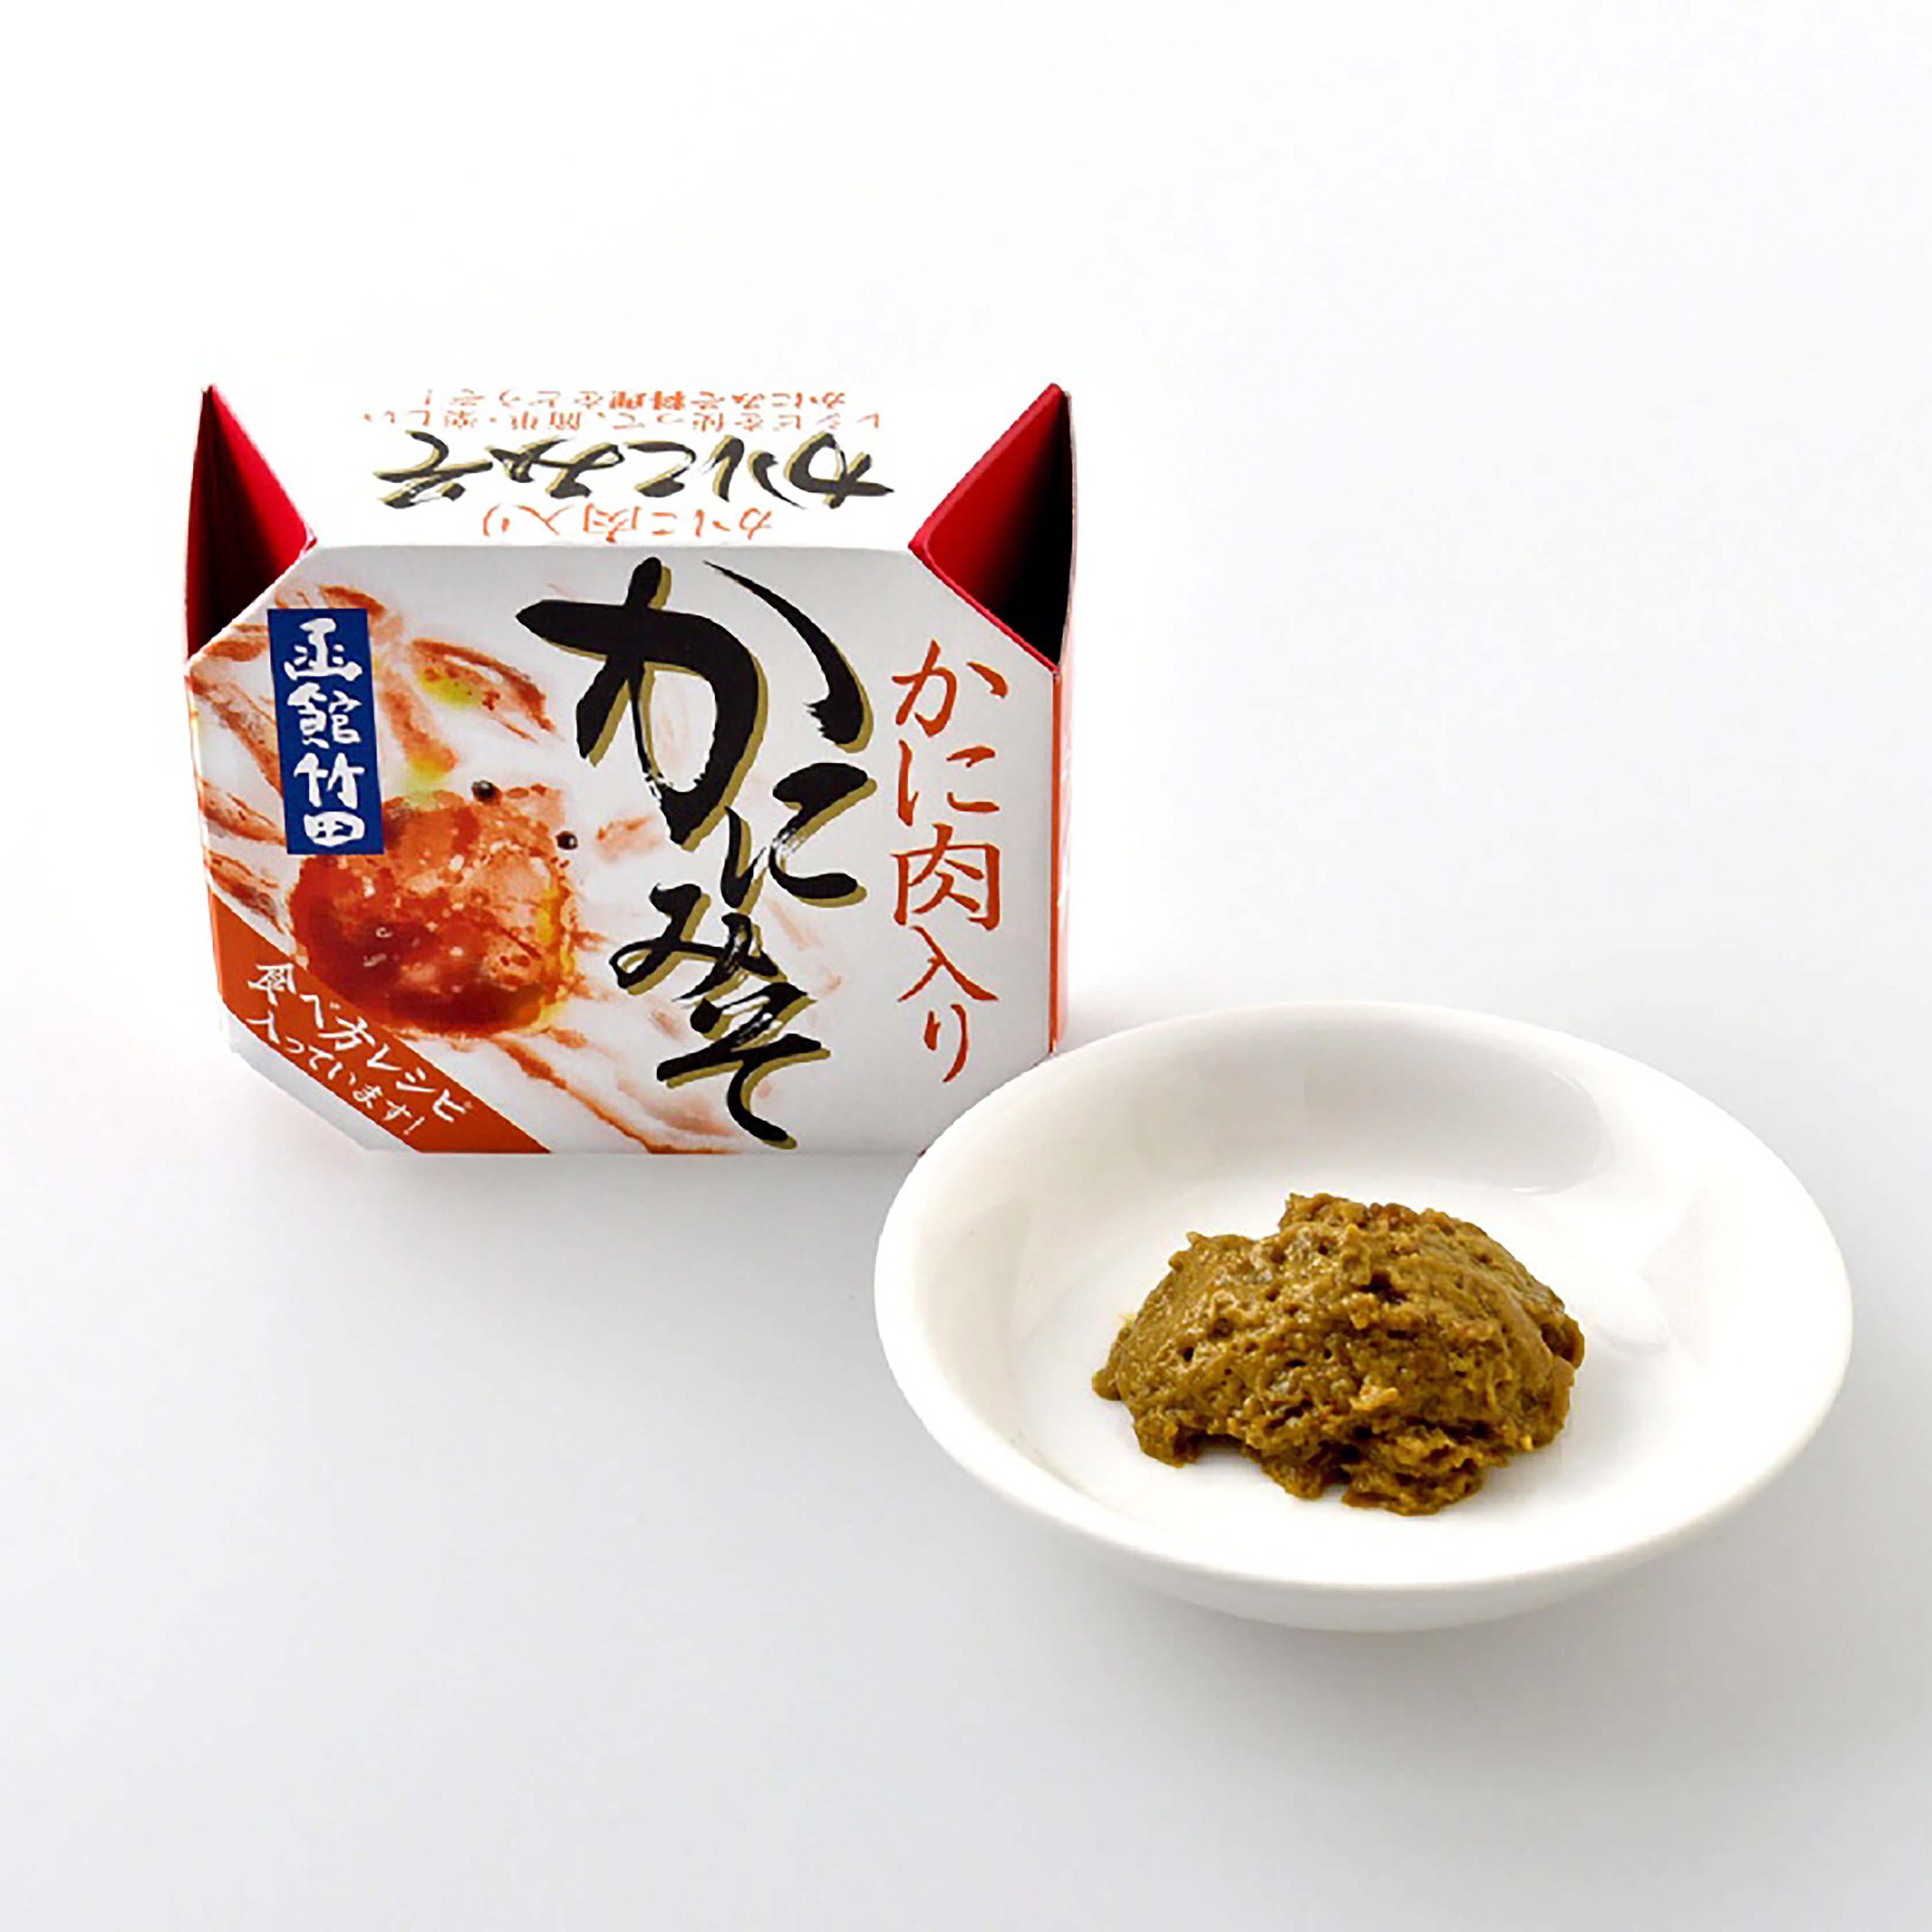 【⽇本進口】日本函館 海鮮膏 3盒特價 蝦膏 蟹膏 蝦膏 蟹膏罐頭含蟹肉 即食罐頭配飯 露營 登山 調味包 70g YHS